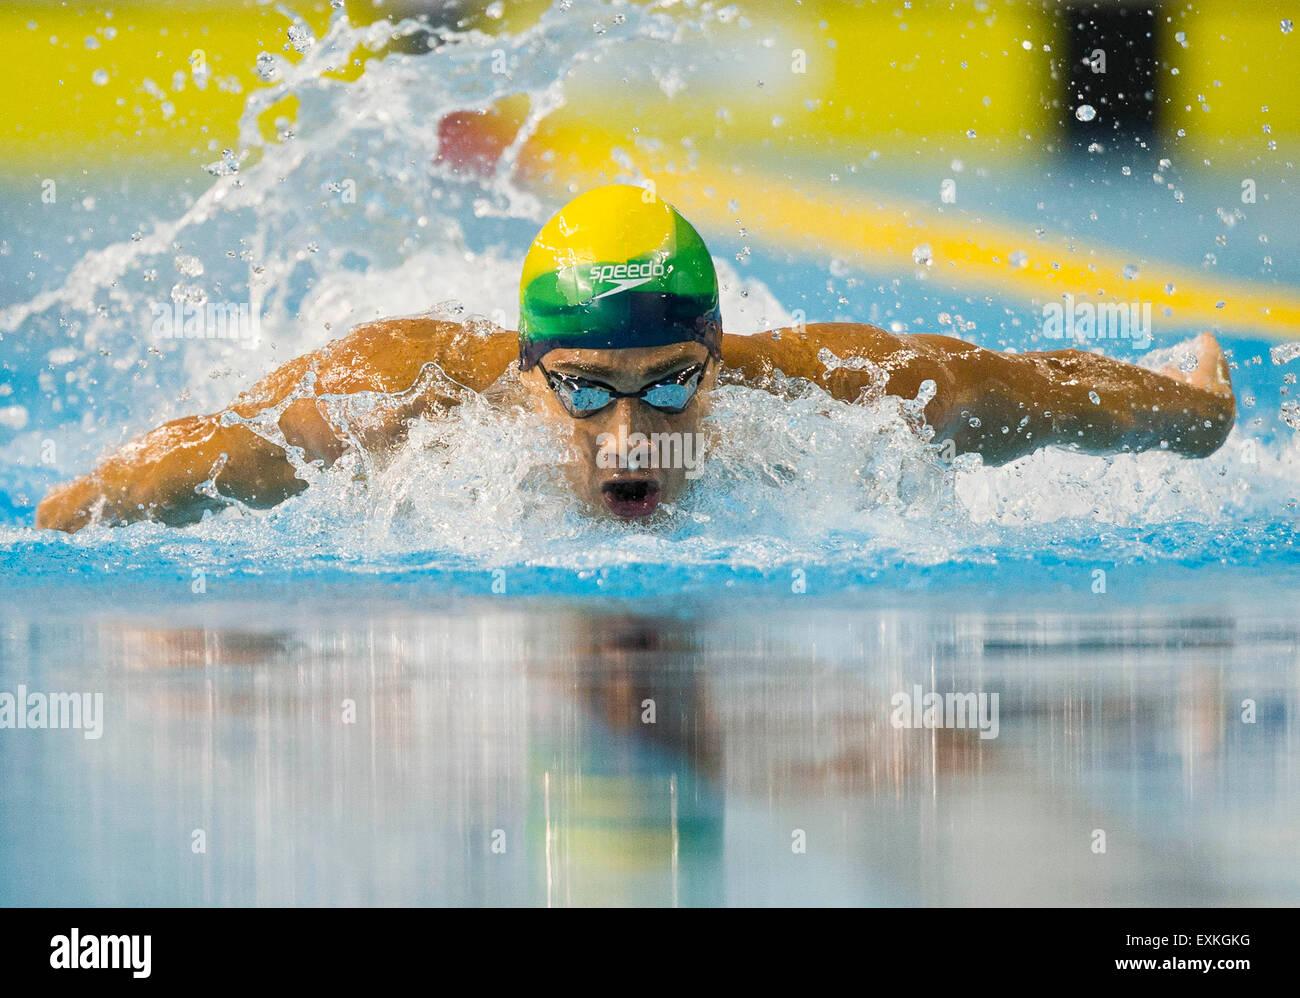 Toronto, Canada. 14 juillet, 2015. Leonardo De Deus du Brésil fait concurrence au cours de la men's 200m Photo Stock